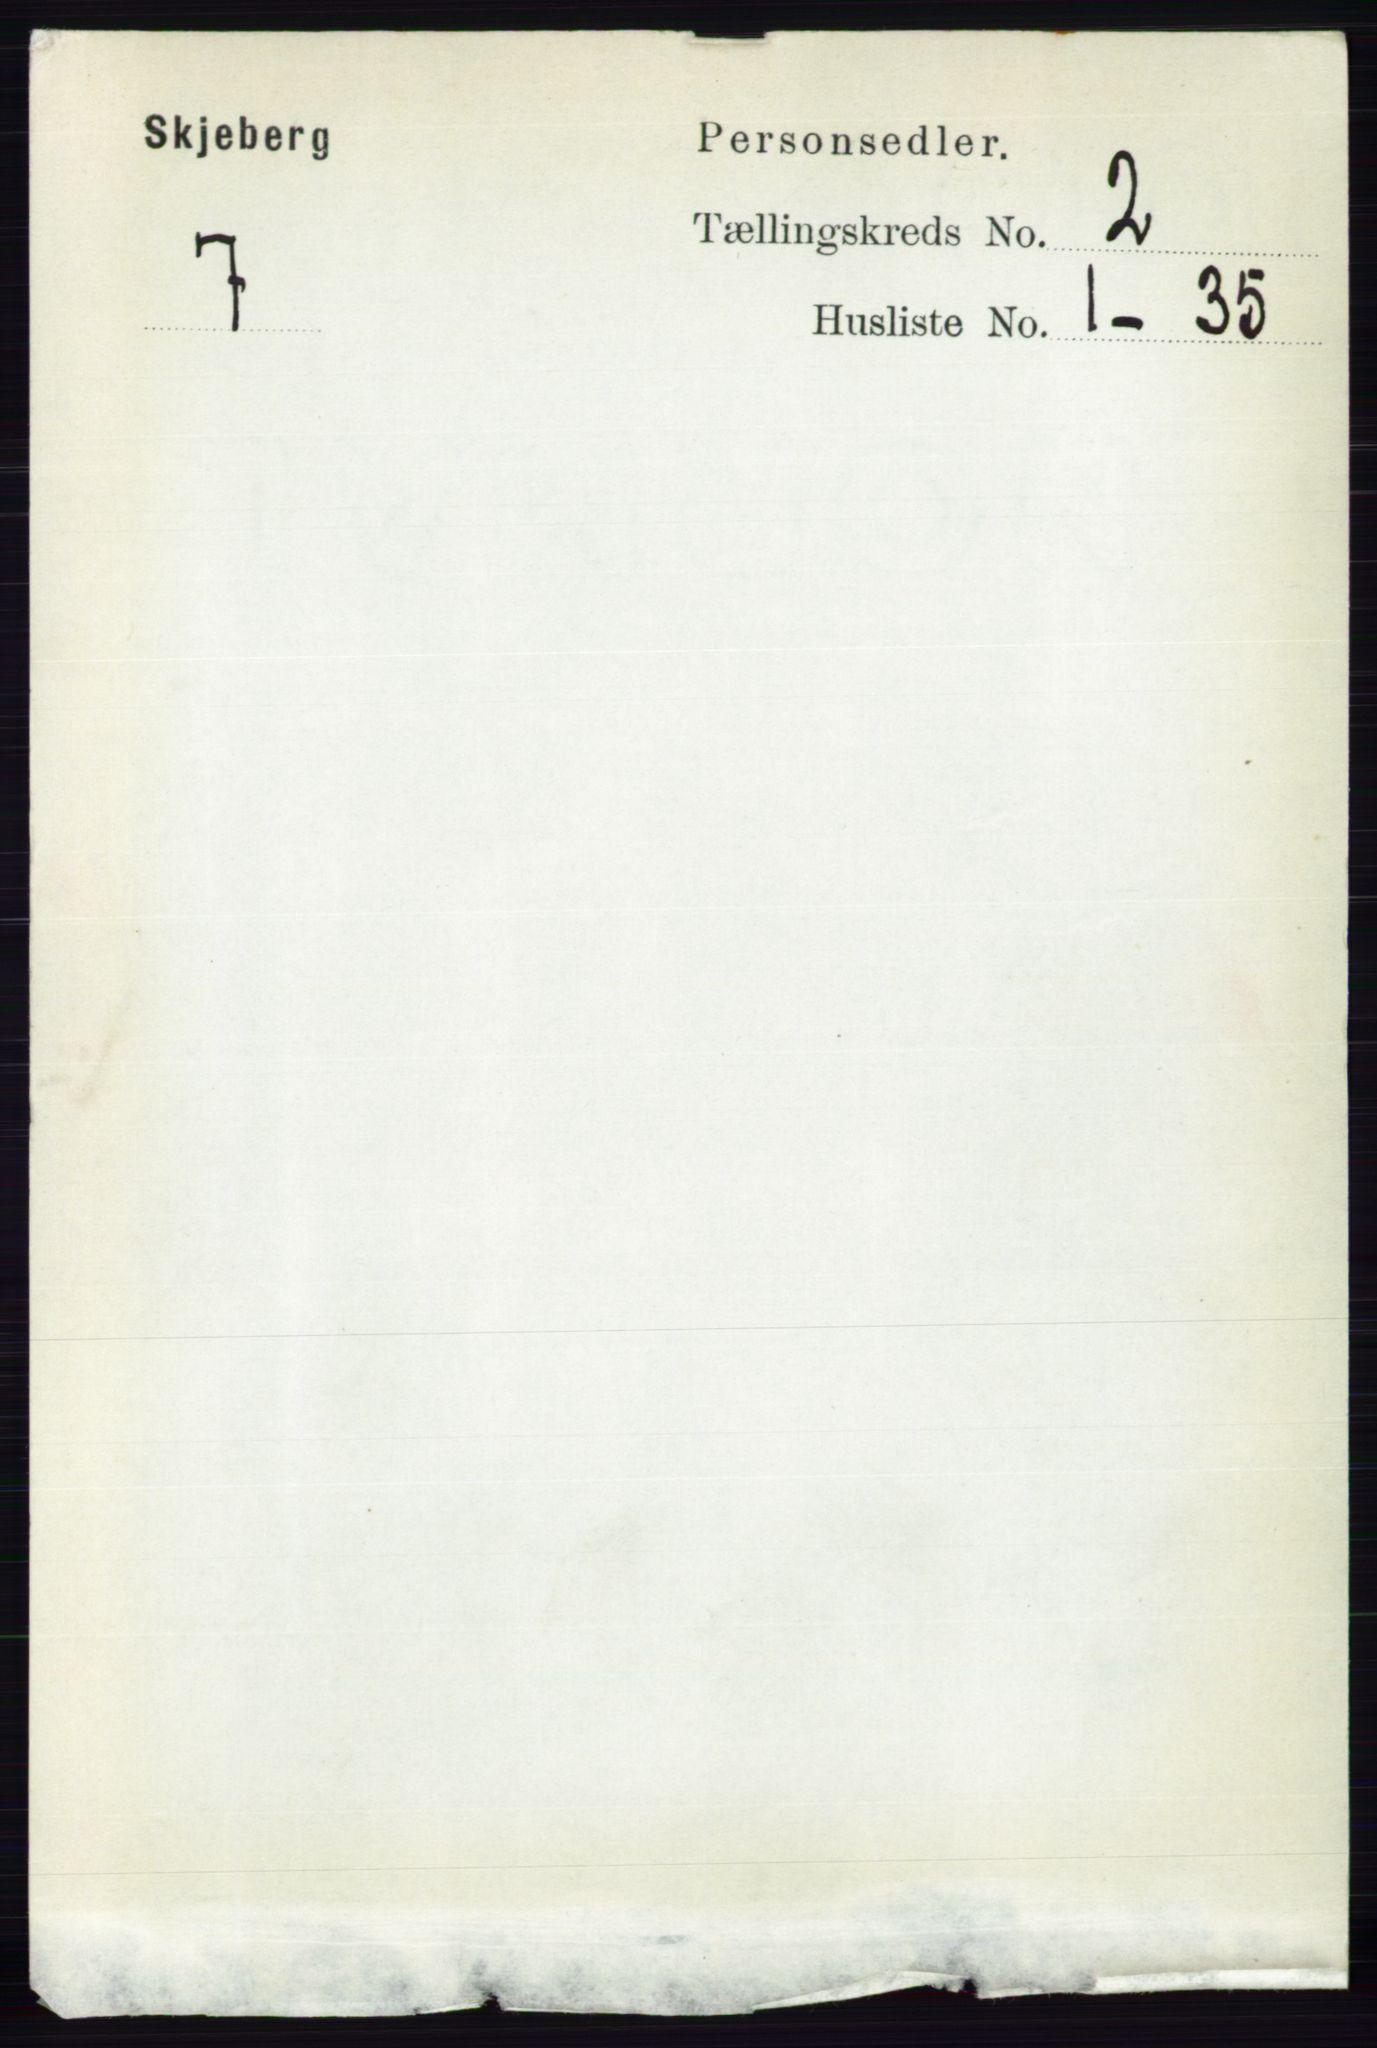 RA, Folketelling 1891 for 0115 Skjeberg herred, 1891, s. 908